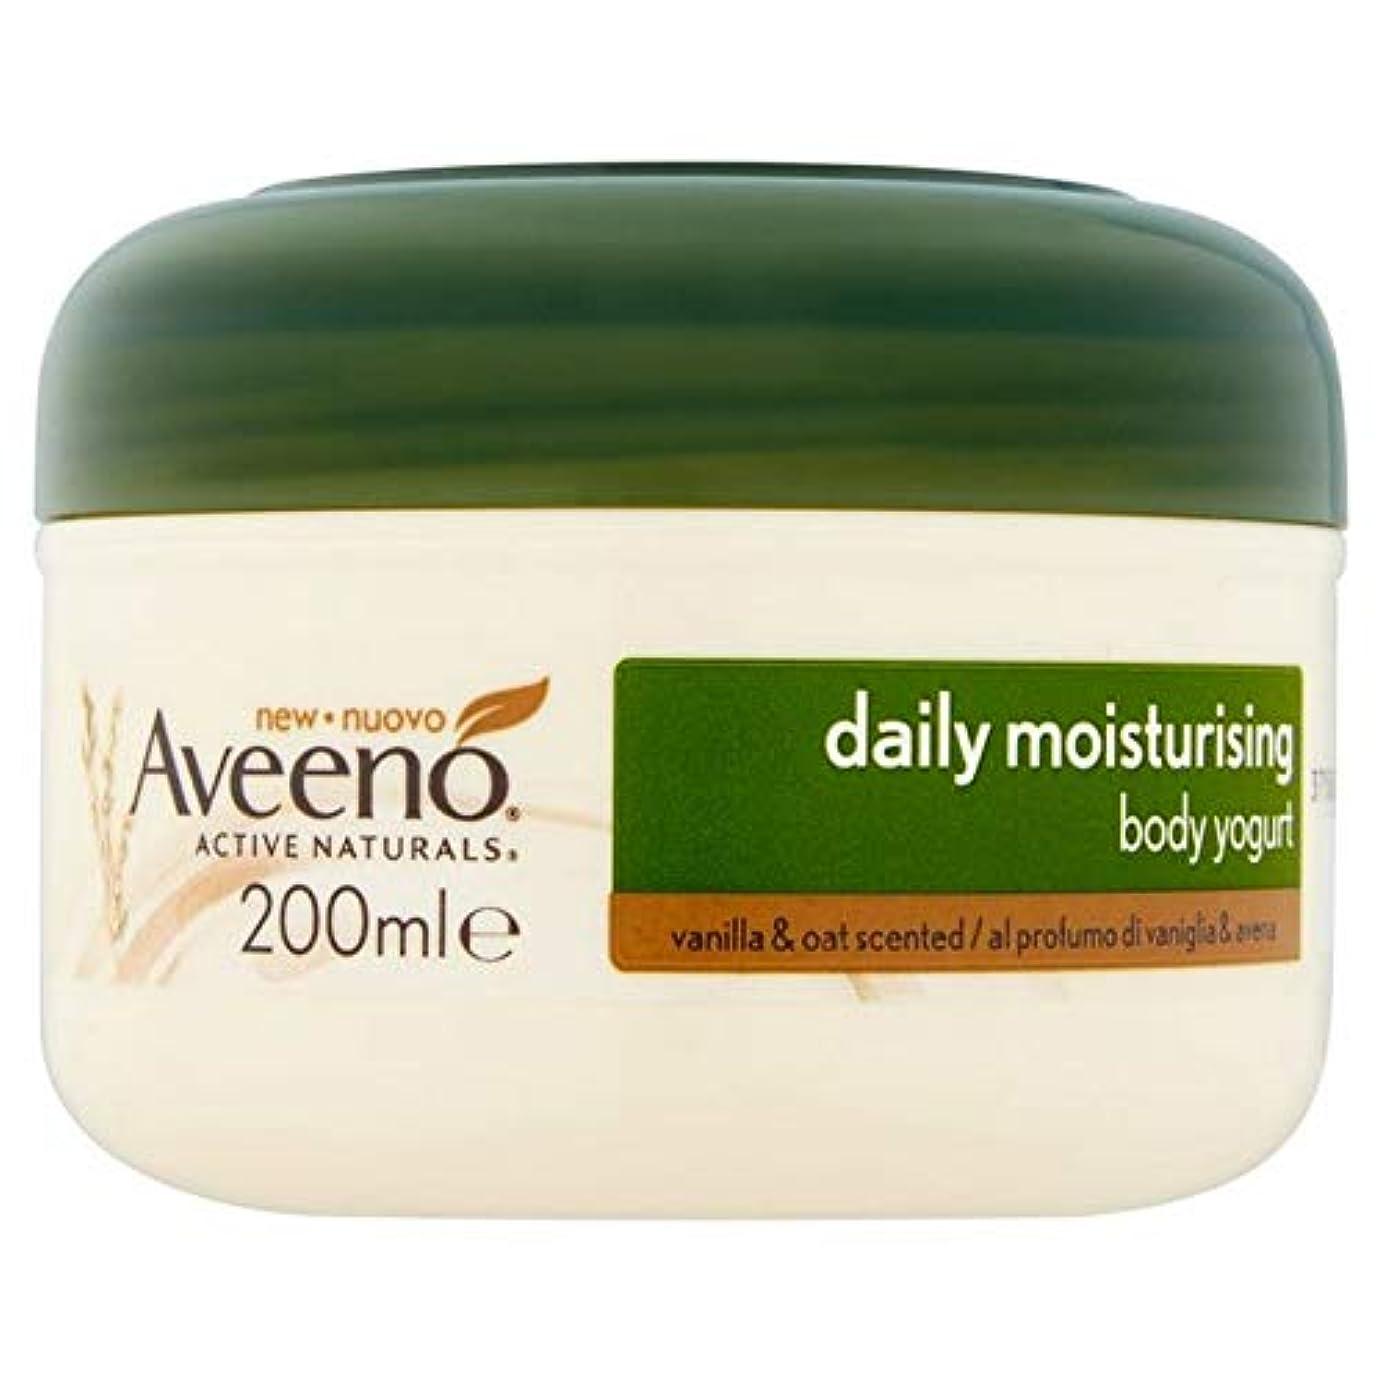 リラックス前書きトリップ[Aveeno] Aveeno毎日保湿ボディヨーグルトバニラ&オーツの200ミリリットル - Aveeno Daily Moisturising Body Yogurts Vanilla & Oats 200ml [並行輸入品]